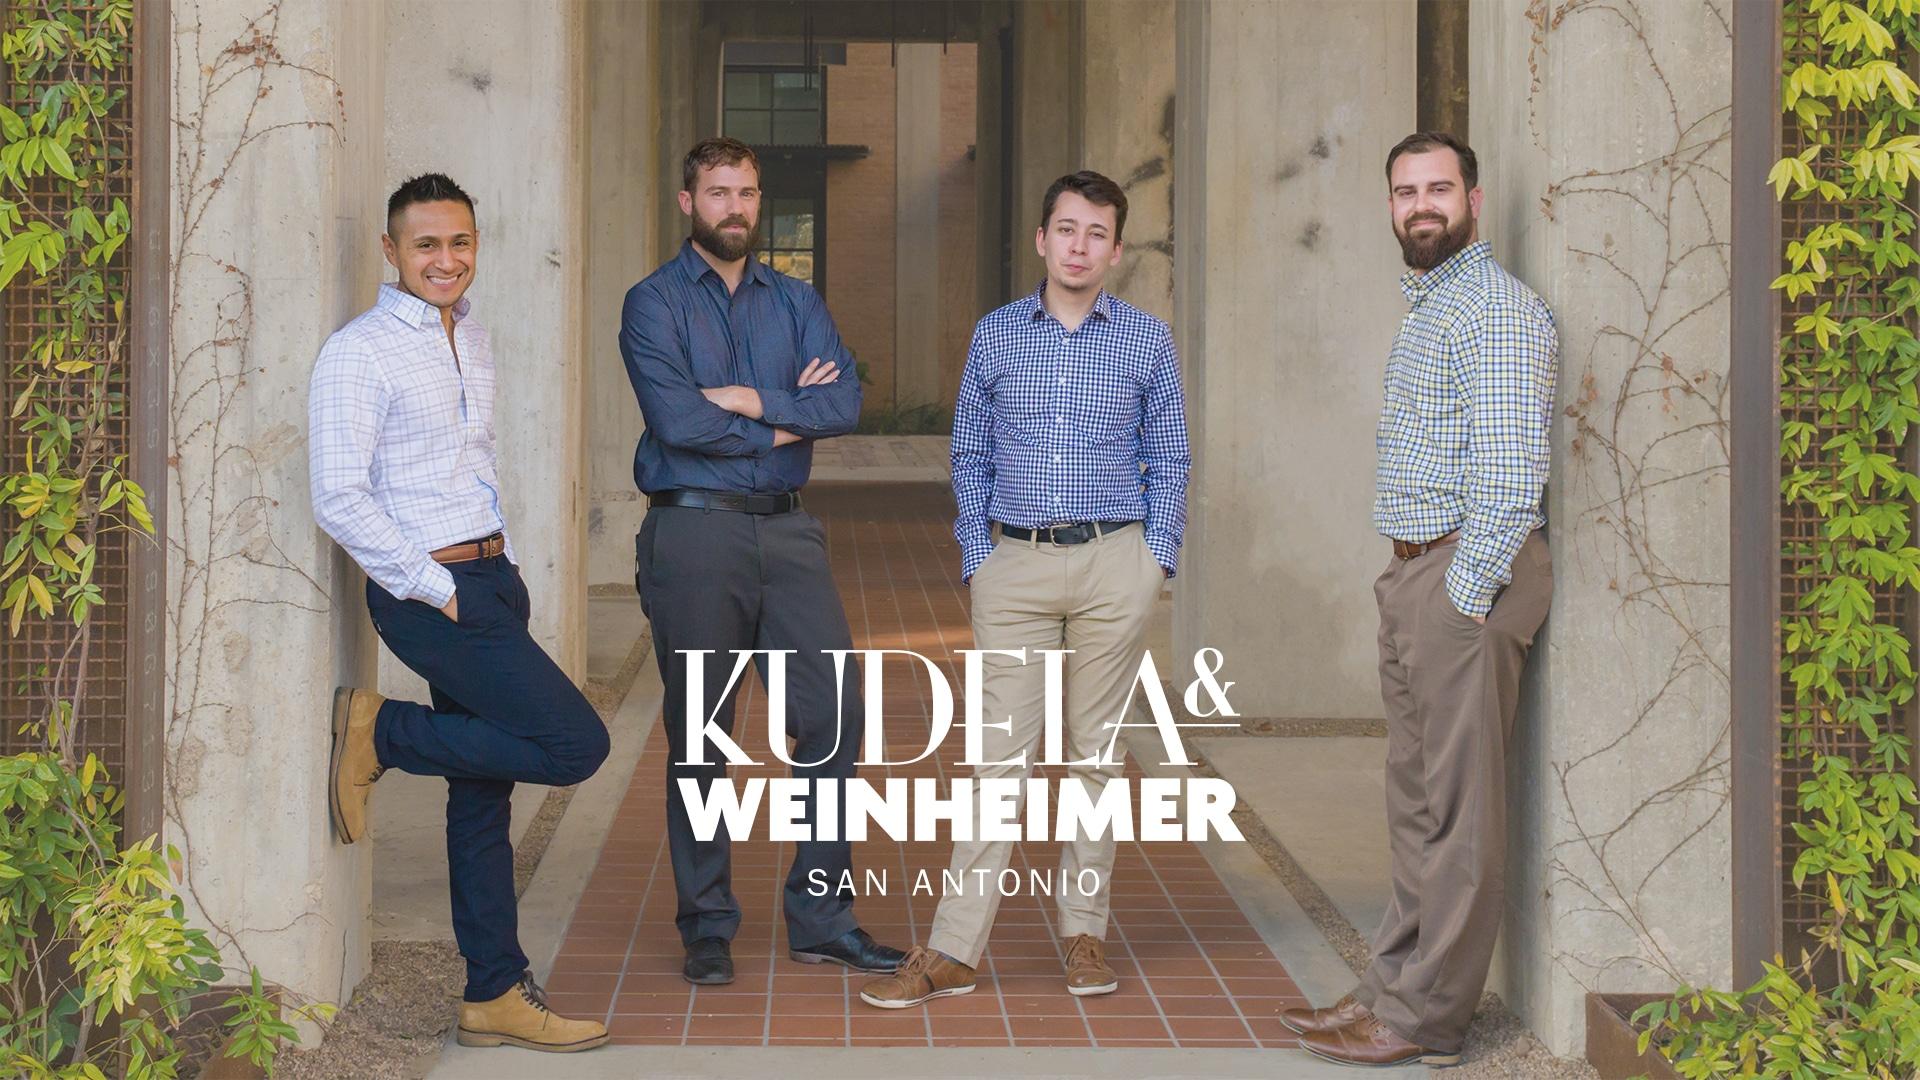 Kudela Amp Weinheimer San Antonio Landscape Architecture Firm